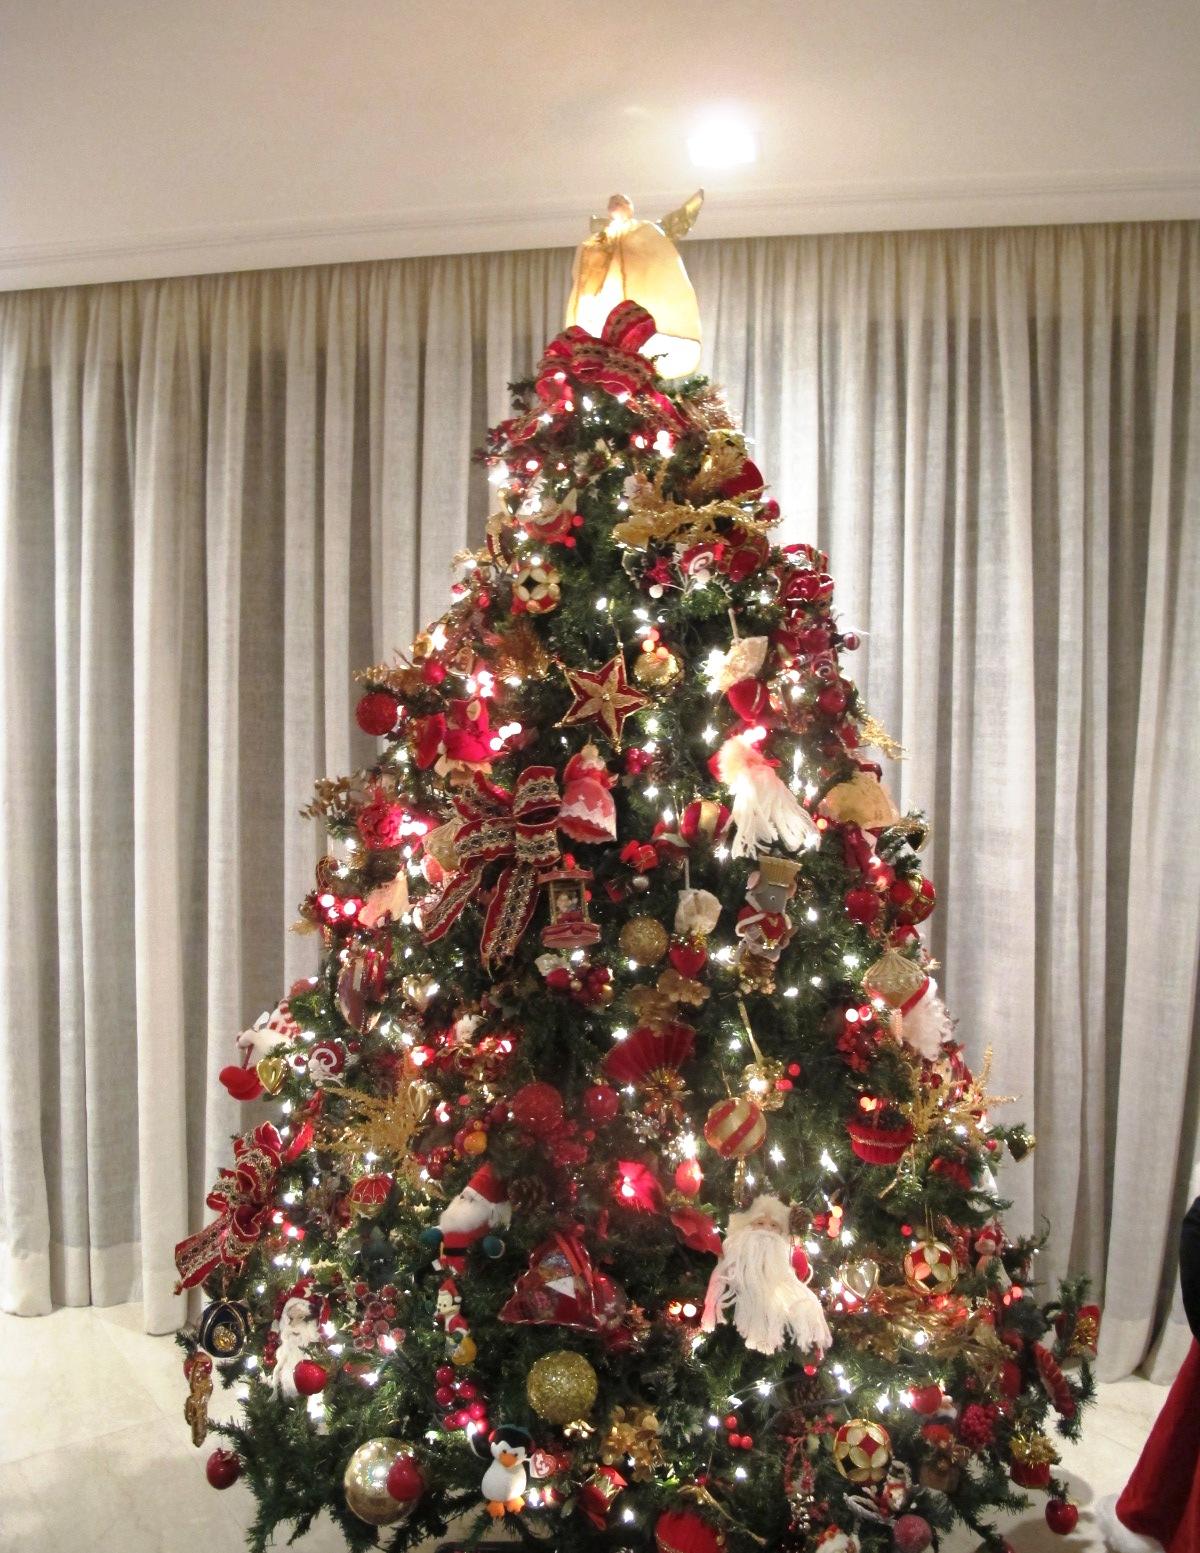 decoracao de arvore de natal tradicional:Blog da Andrea Rudge: MINHA DECORAÇÃO DE NATAL